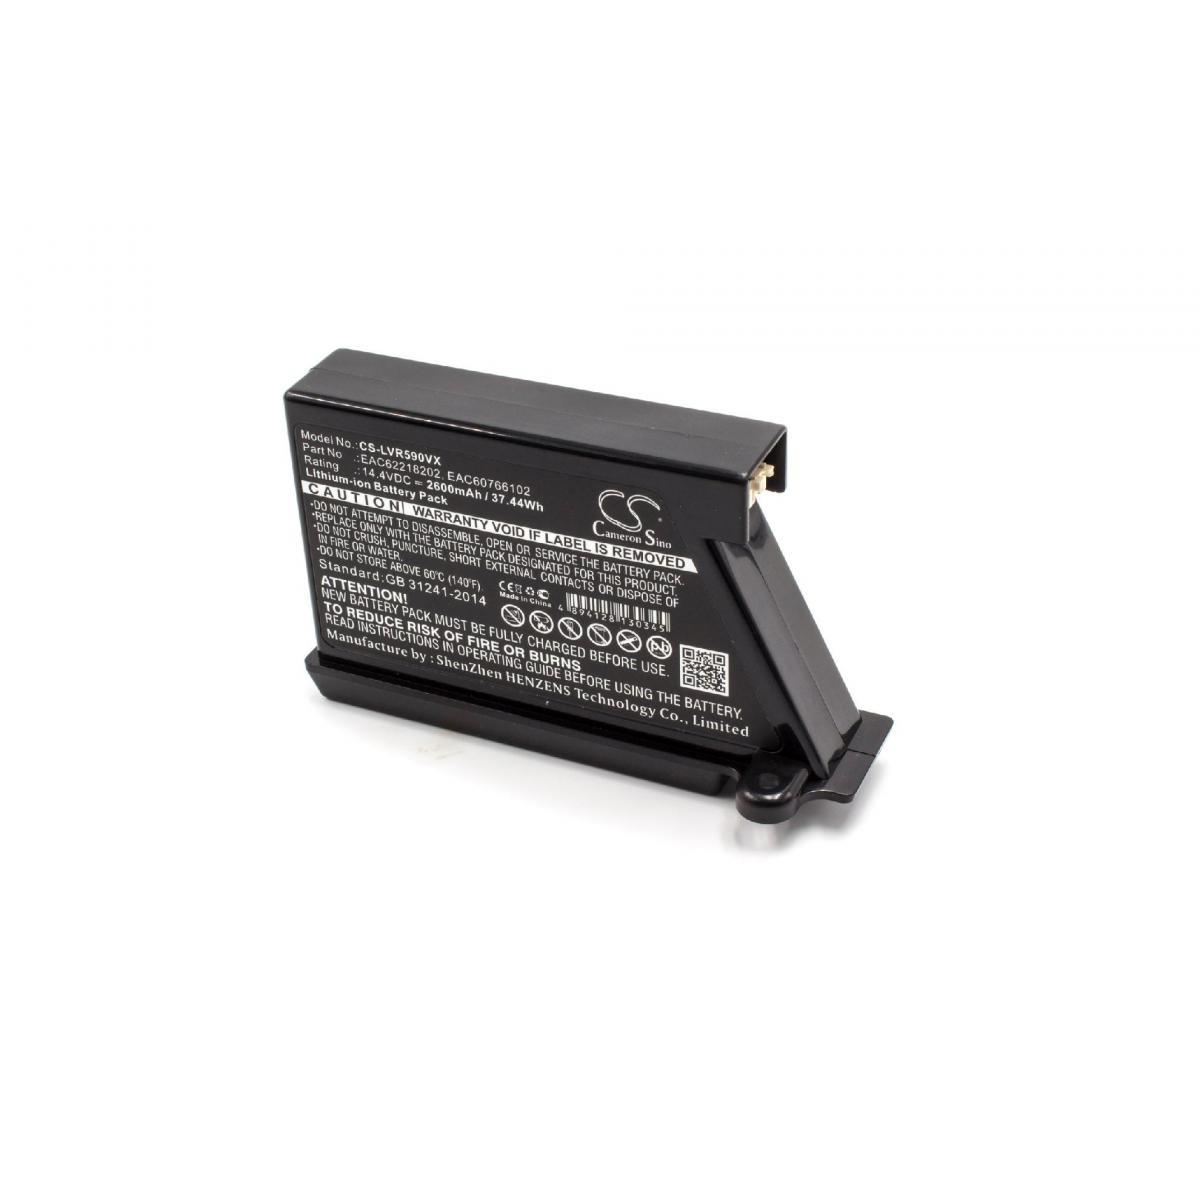 Vhbw vhbw Batterie compatible avec LG HOM-BOT VR5903KL, VR5903KLW, VR5904KL, VR5906KL robot électroménager (2600mAh, 14,4V, L